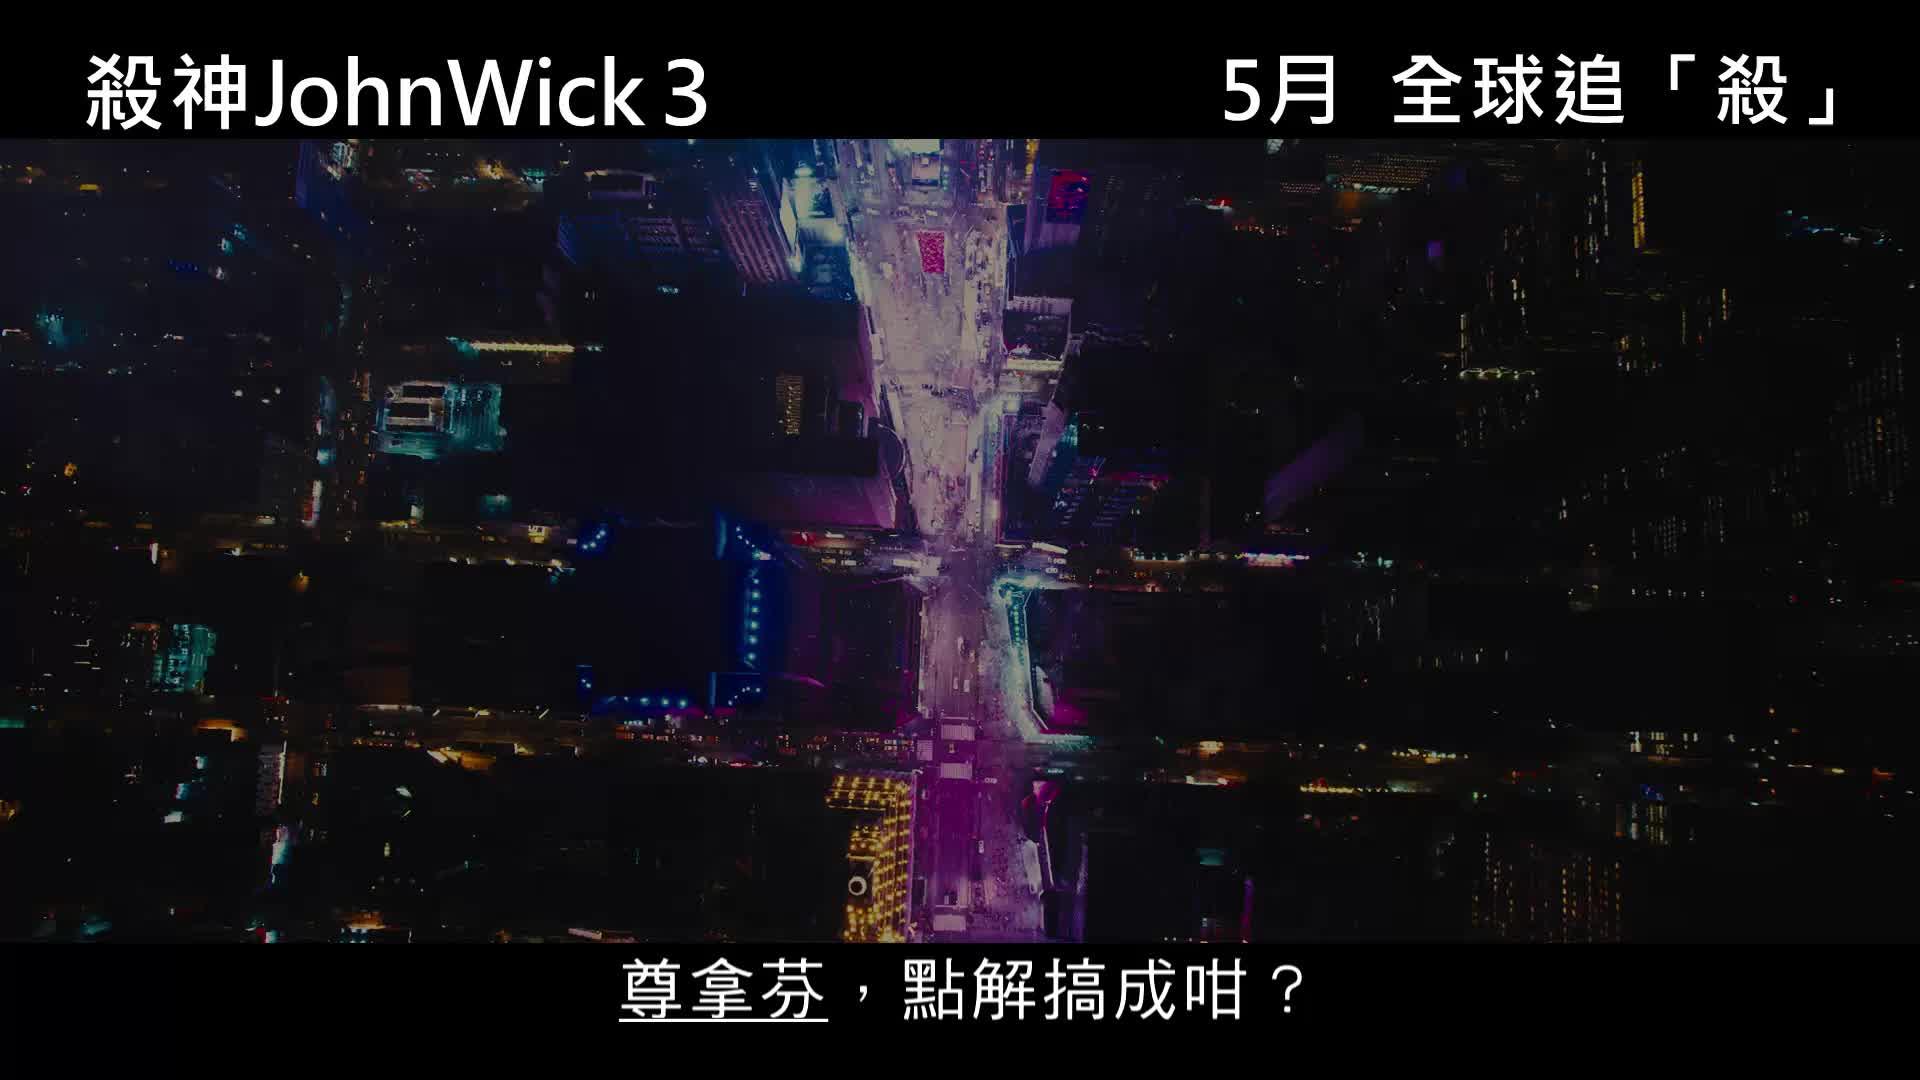 《殺神John Wick 3》中文預告